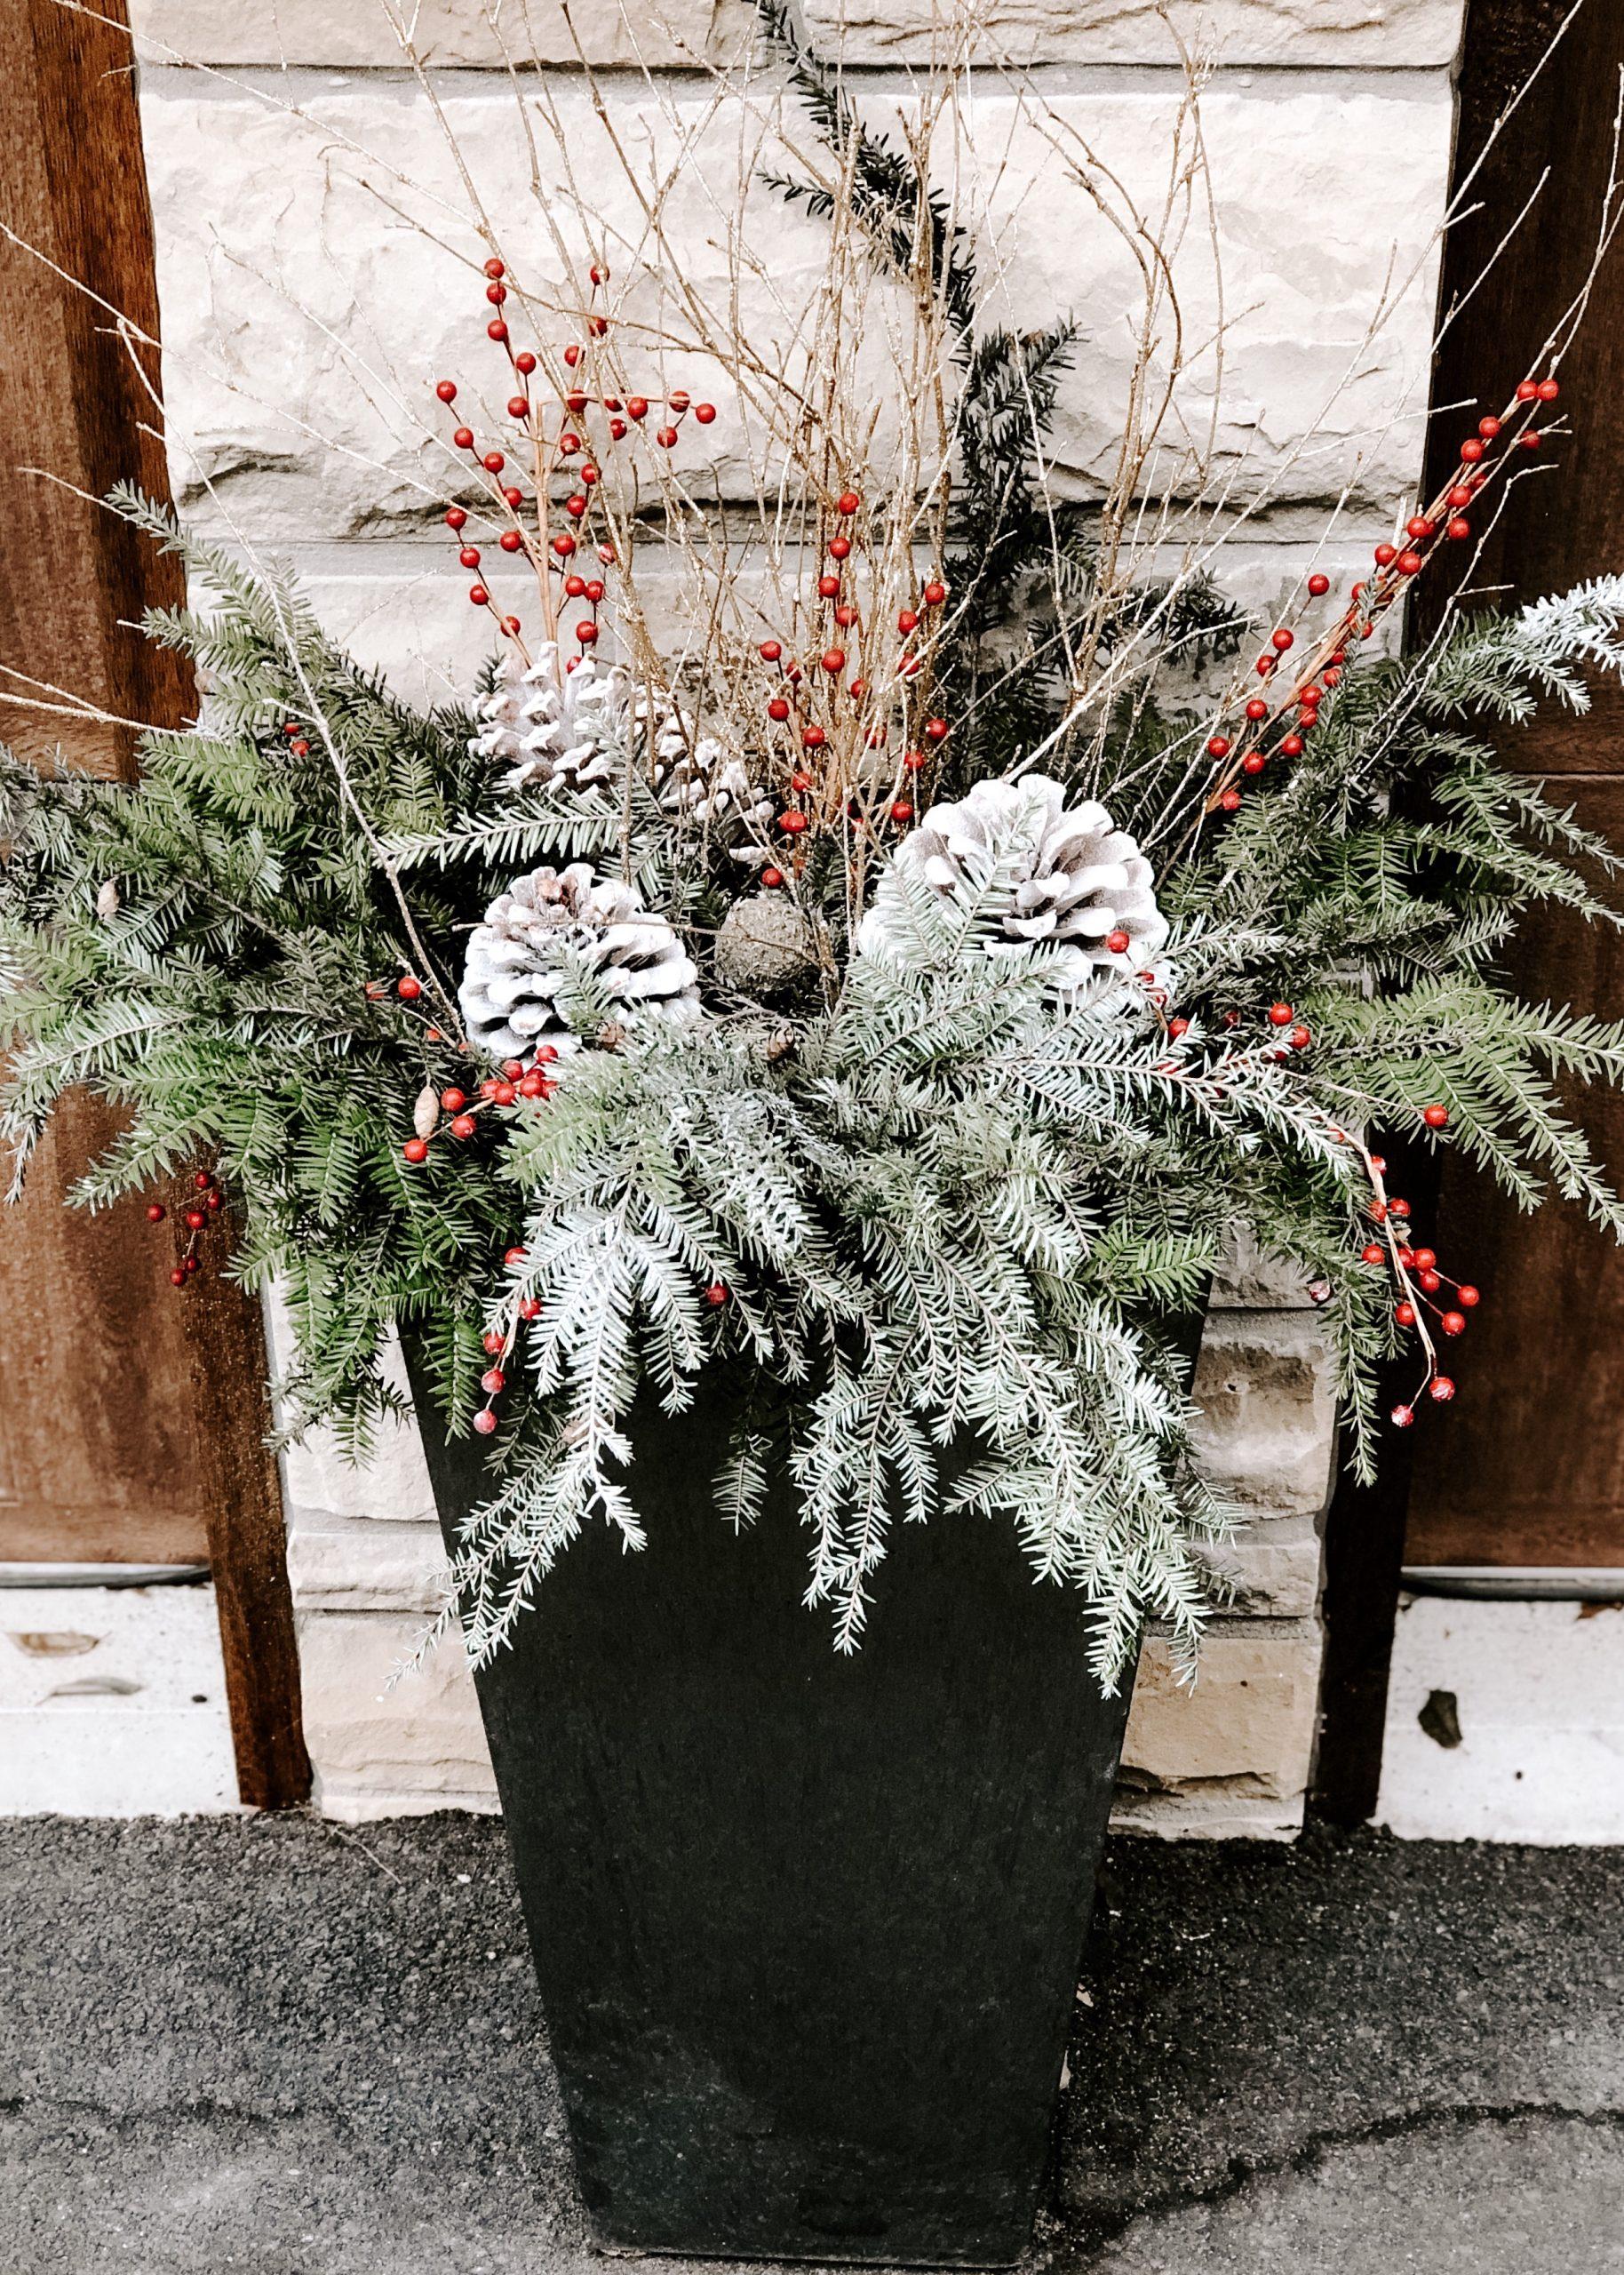 winter seasonal planter outside home